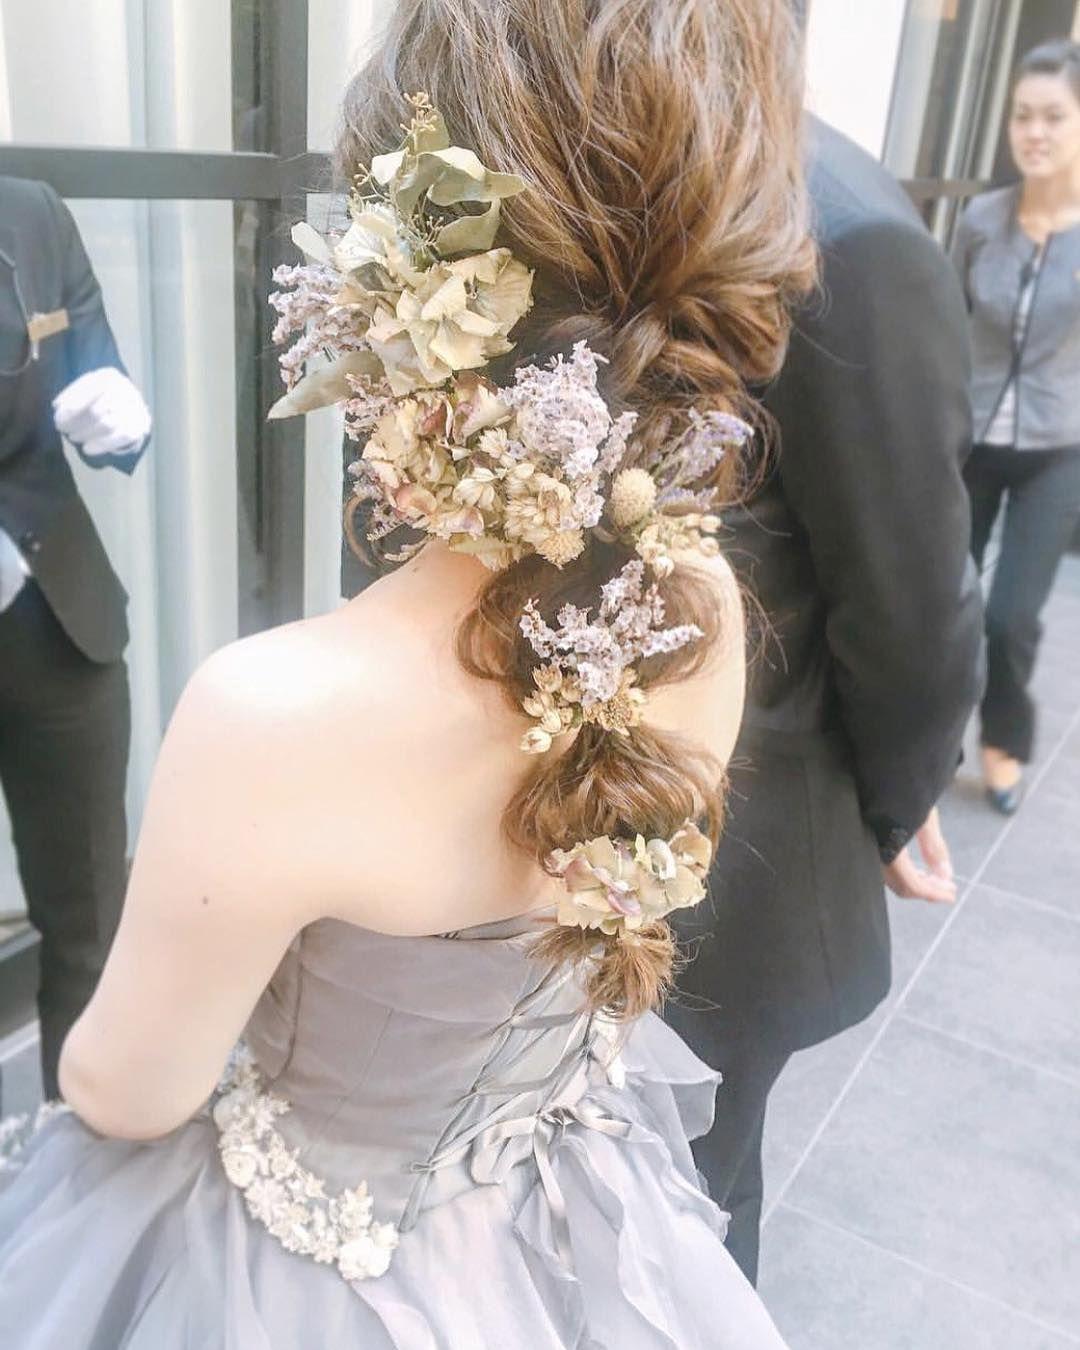 プレ花嫁の結婚式準備アプリ ウェディングニュース さんはinstagramを利用しています Weddingnews Editor 素敵な ヘアスタイル 10選 こちらのお写真は ブライダルヘア メ Floral Hair Vine Fairy Hair Wedding Hair Pins